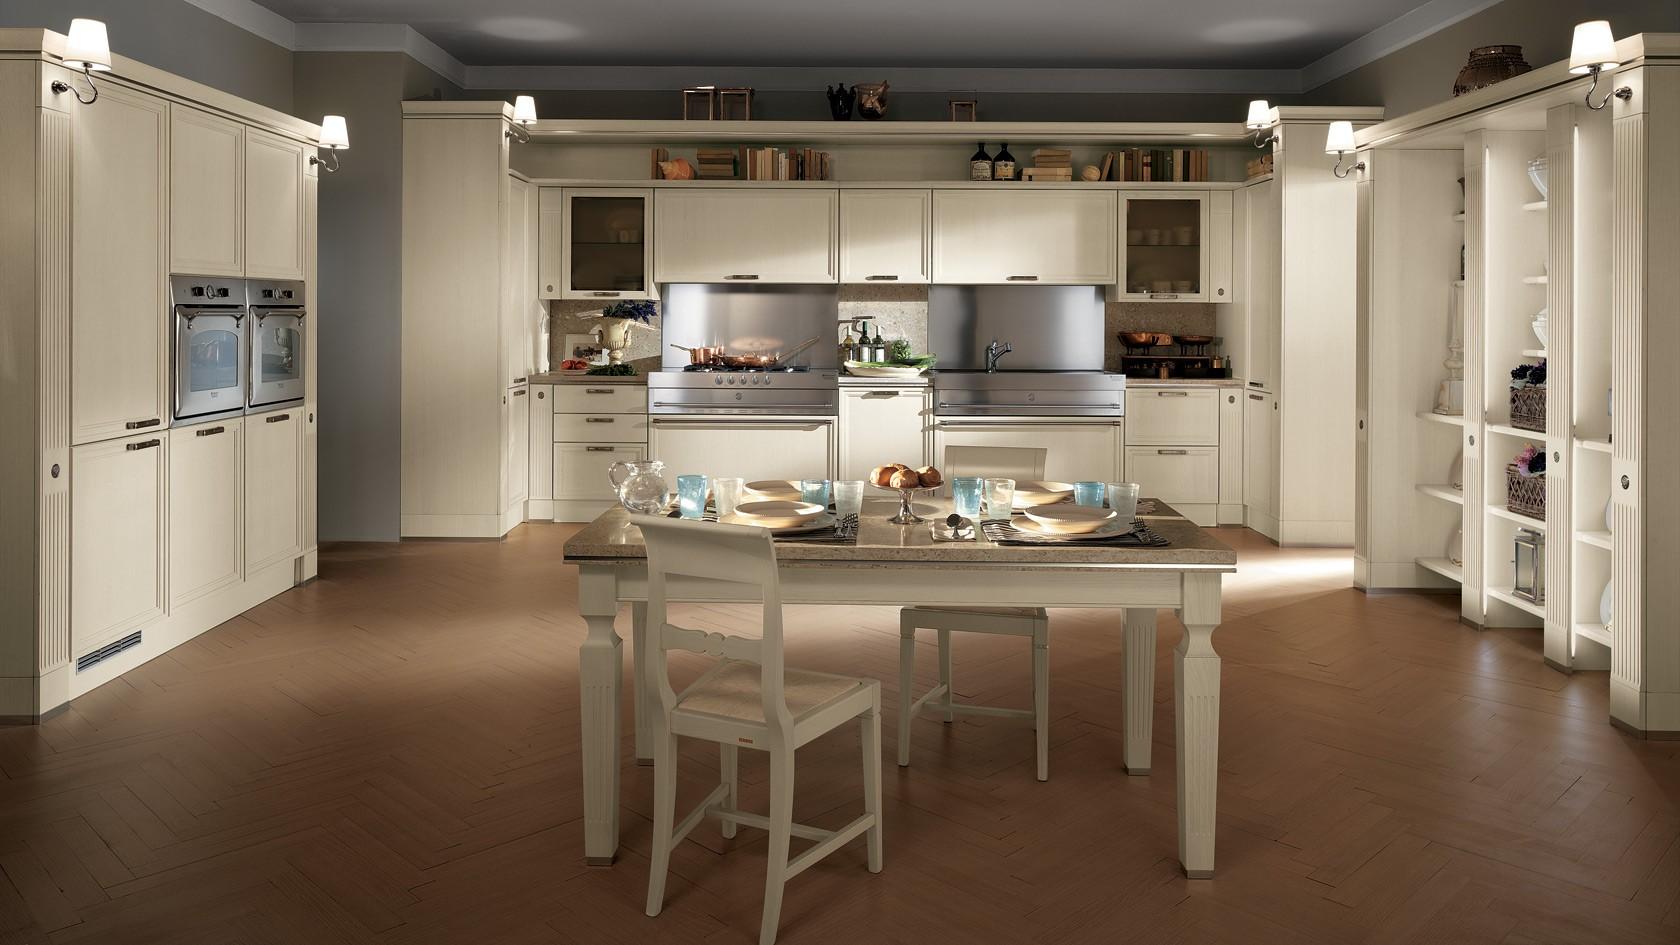 Cucine Classiche Moderne Scavolini.Cucina Classica Scavolini Grand Relais Mobili Incardone